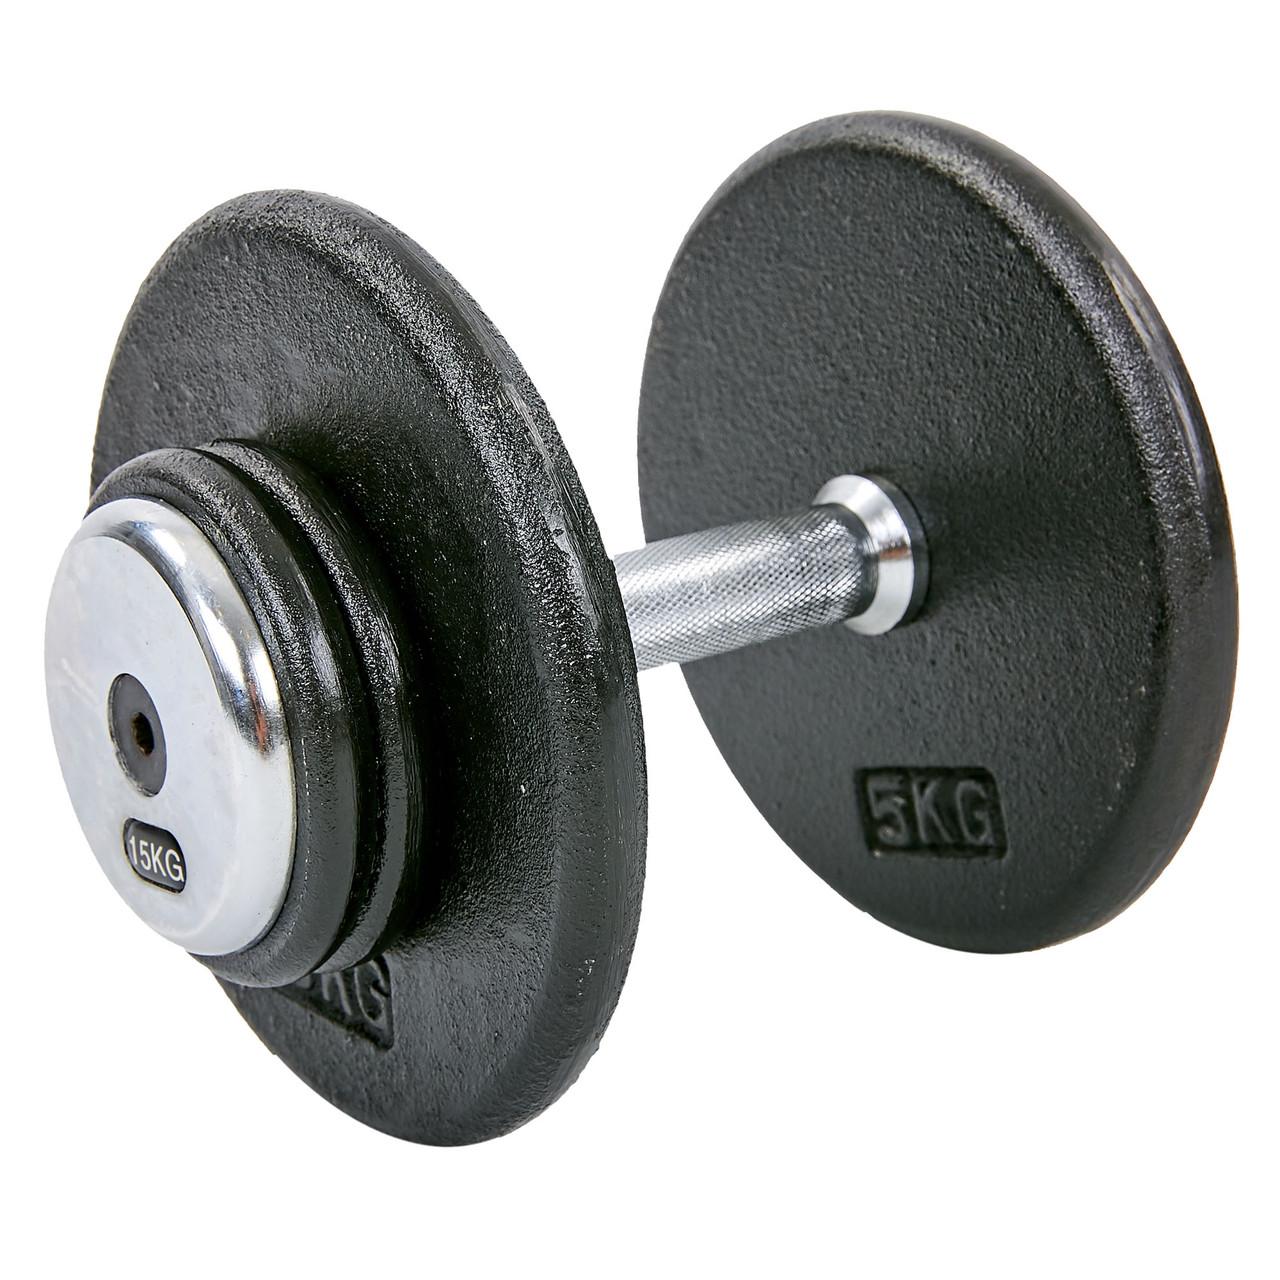 Гантель 15 кг профессиональная стальная RECORD (1шт) TA-7231-15